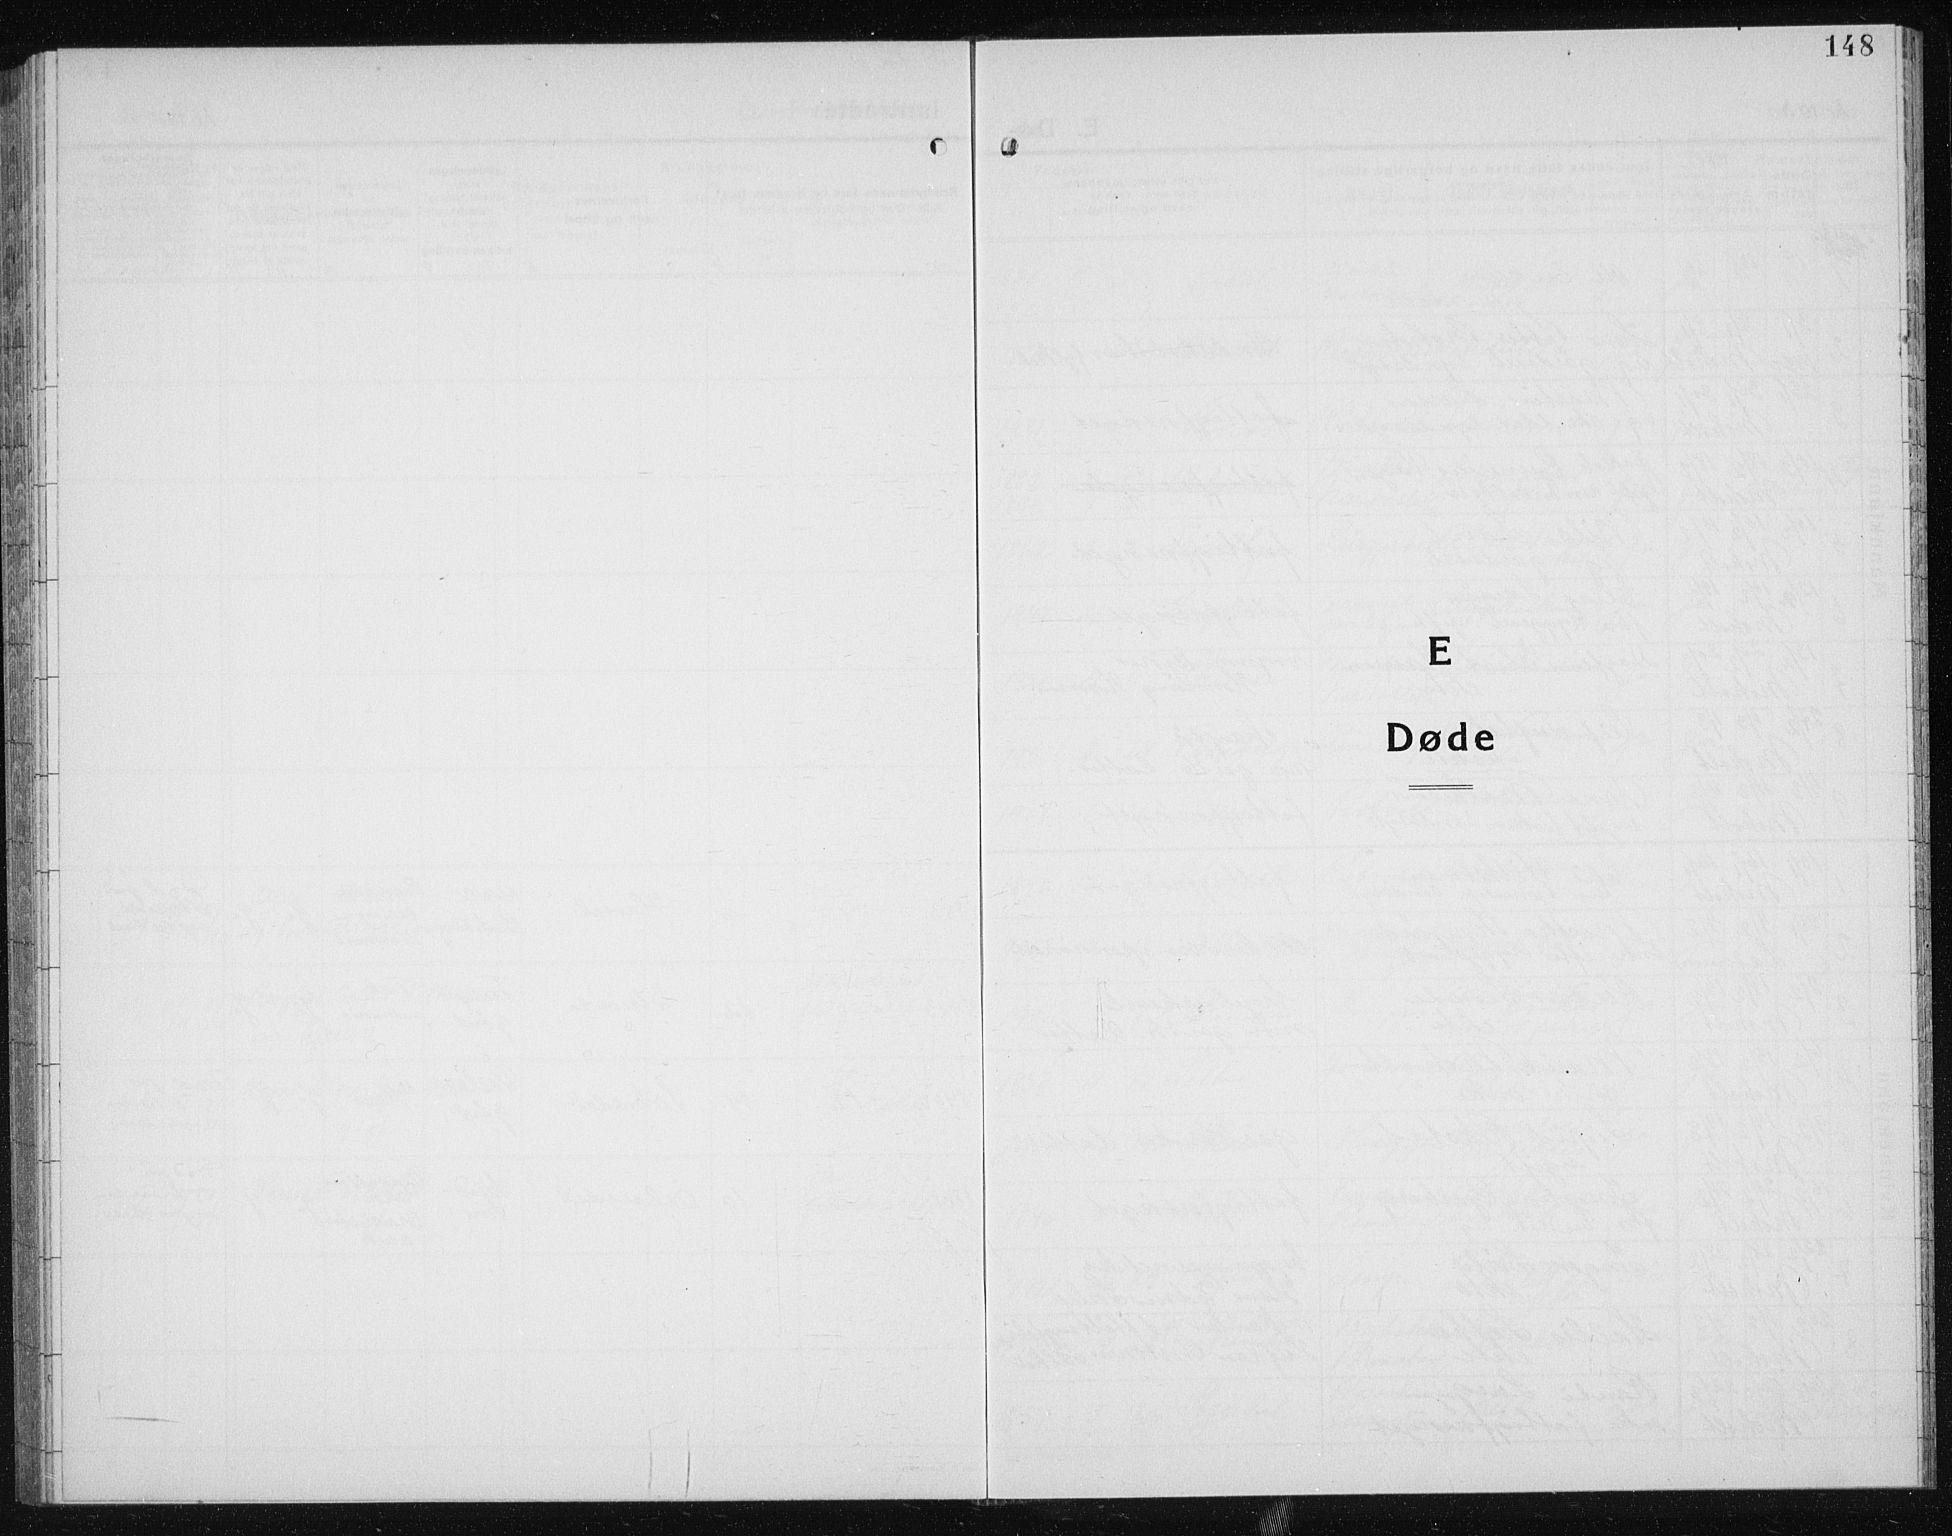 SAT, Ministerialprotokoller, klokkerbøker og fødselsregistre - Sør-Trøndelag, 607/L0327: Klokkerbok nr. 607C01, 1930-1939, s. 148